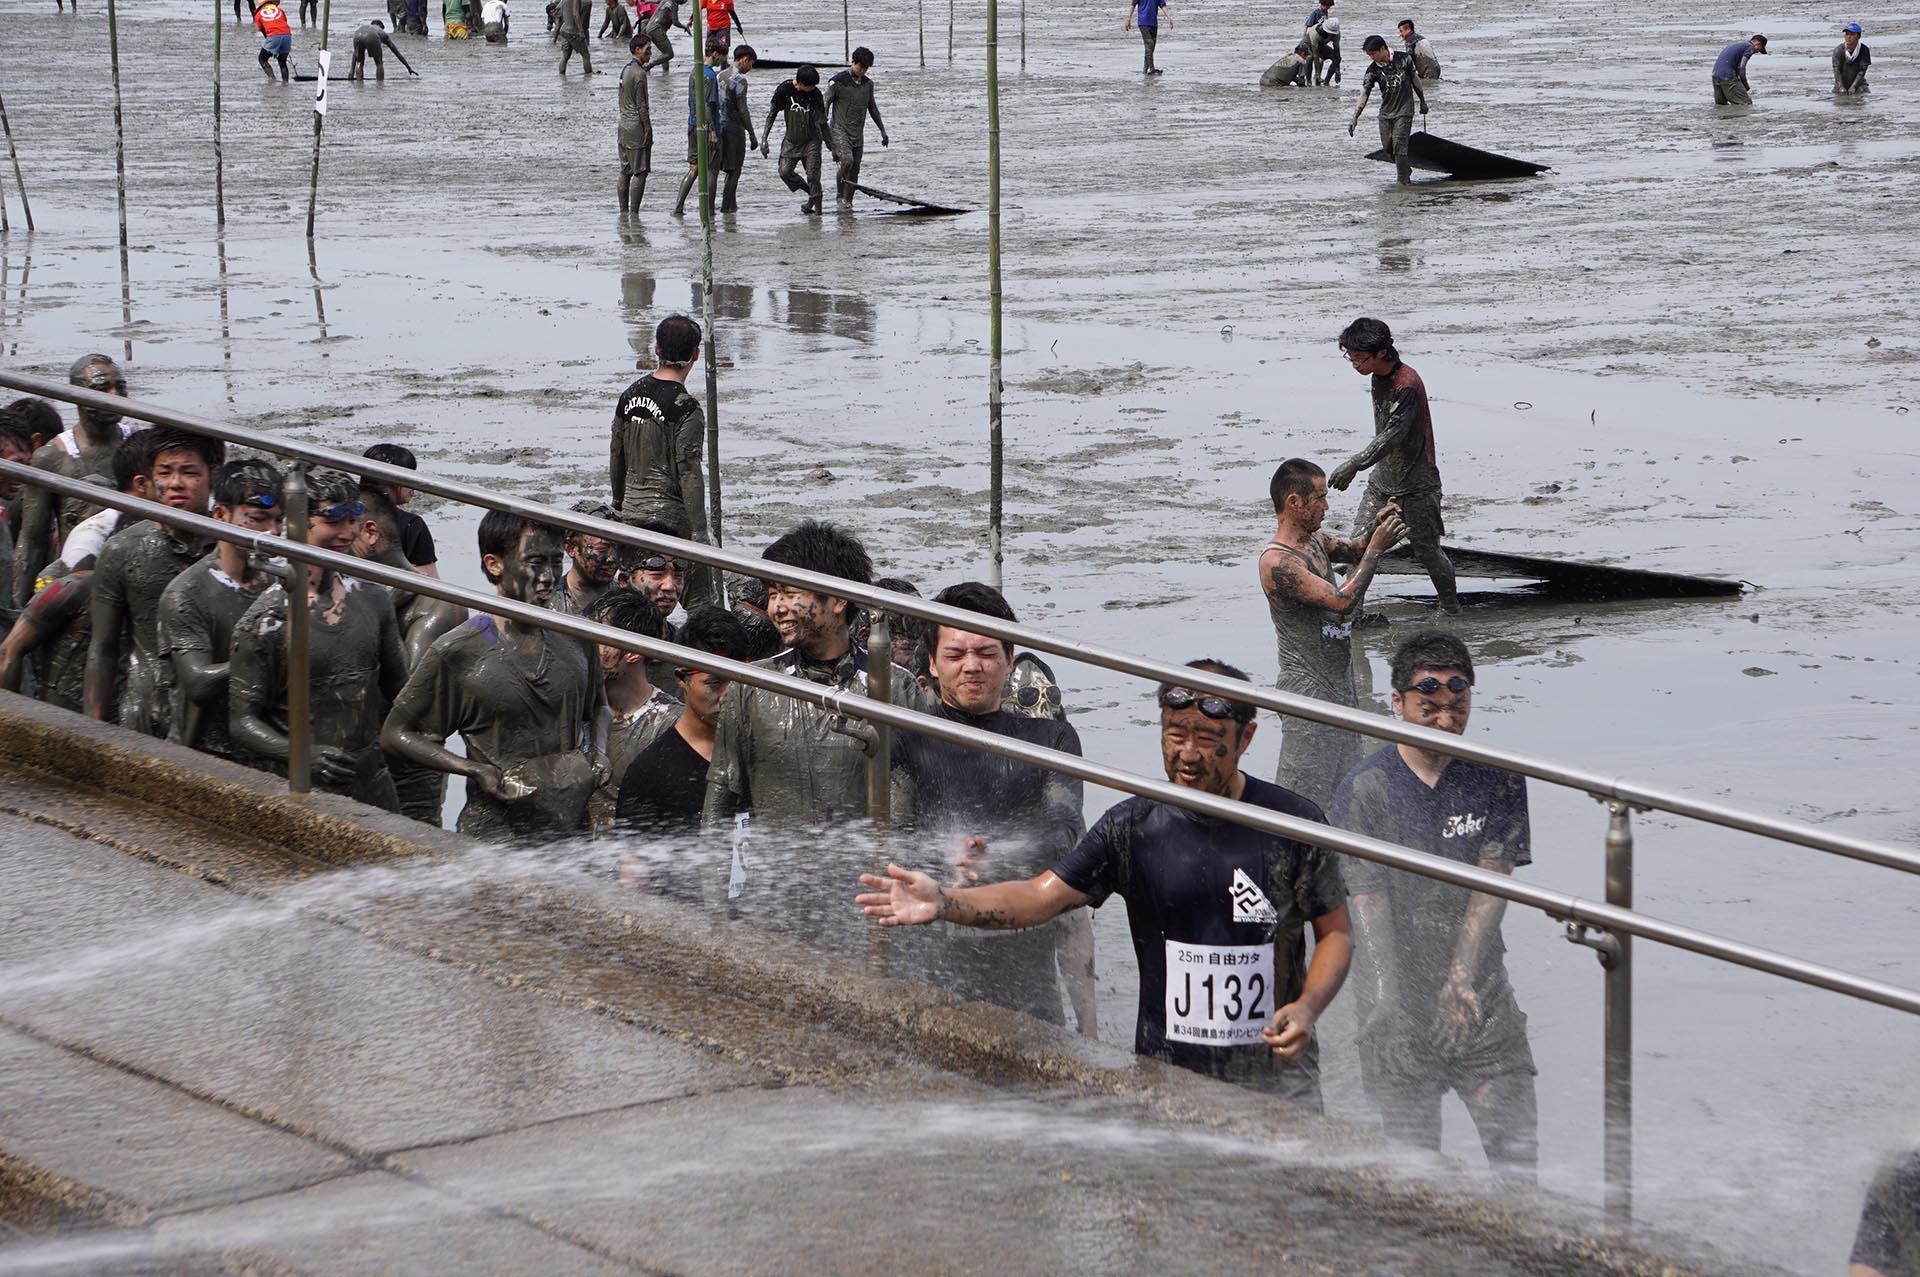 ガタリンピック終了後のシャワー